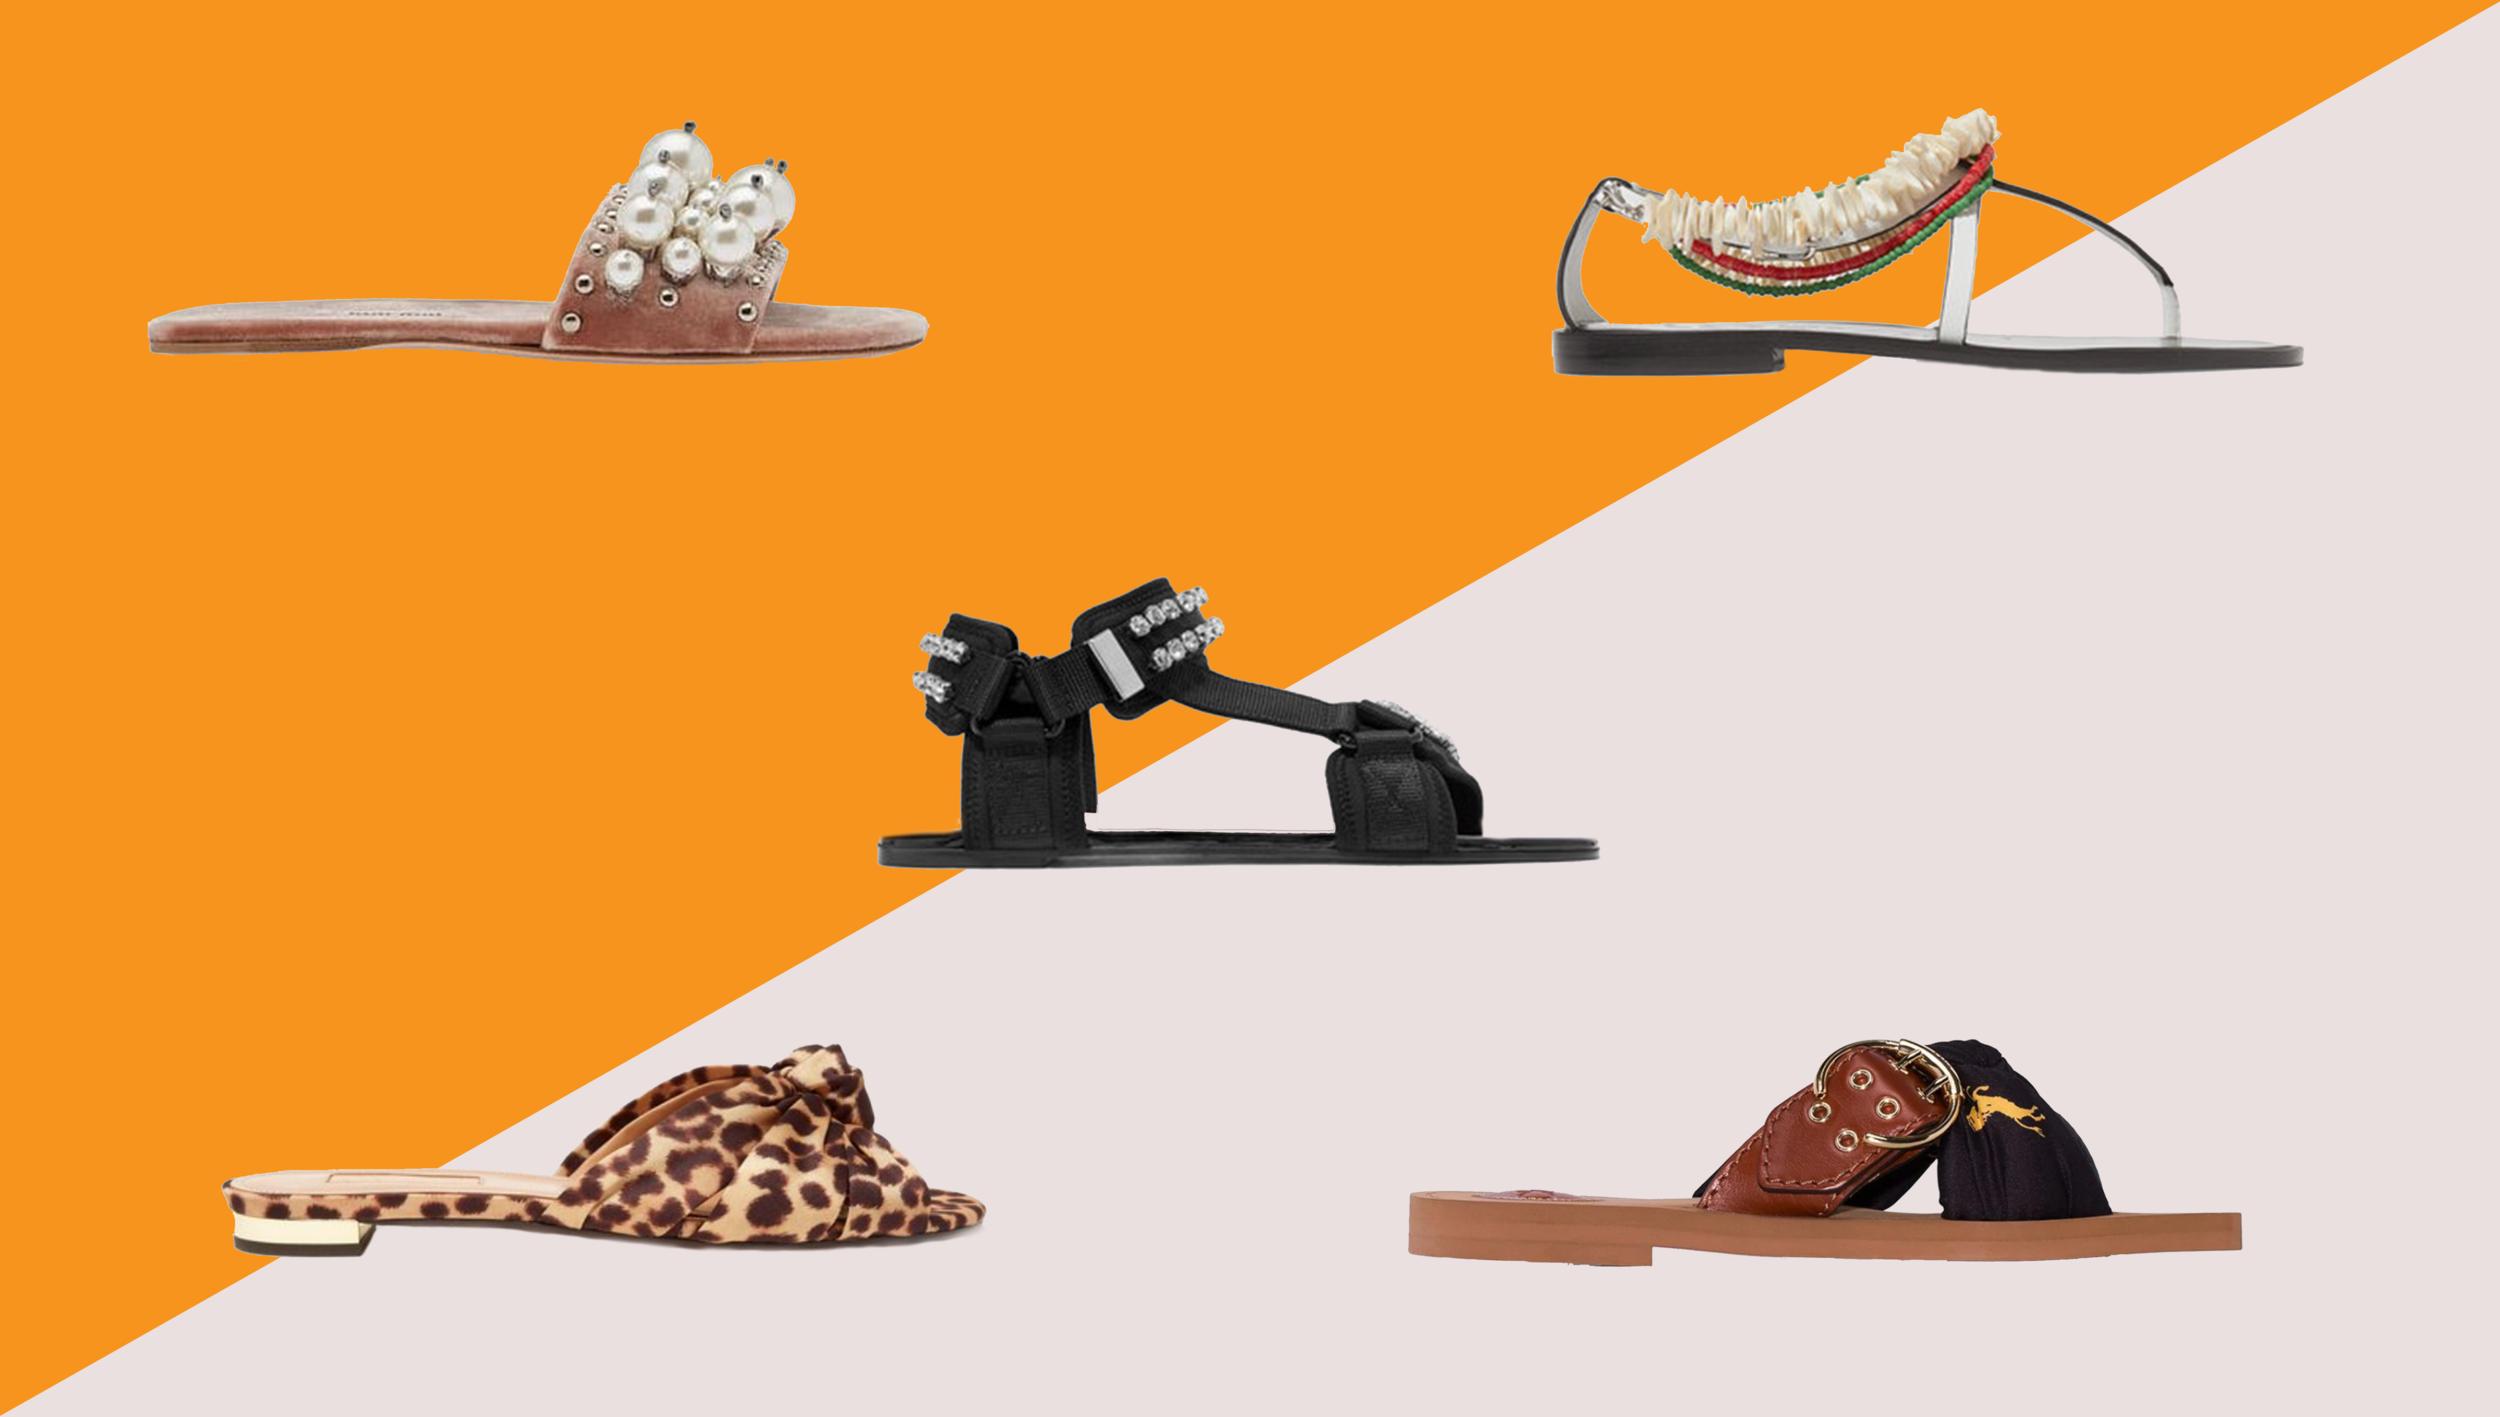 Summer_sandals_maxi_Julia_von_Boehm.png